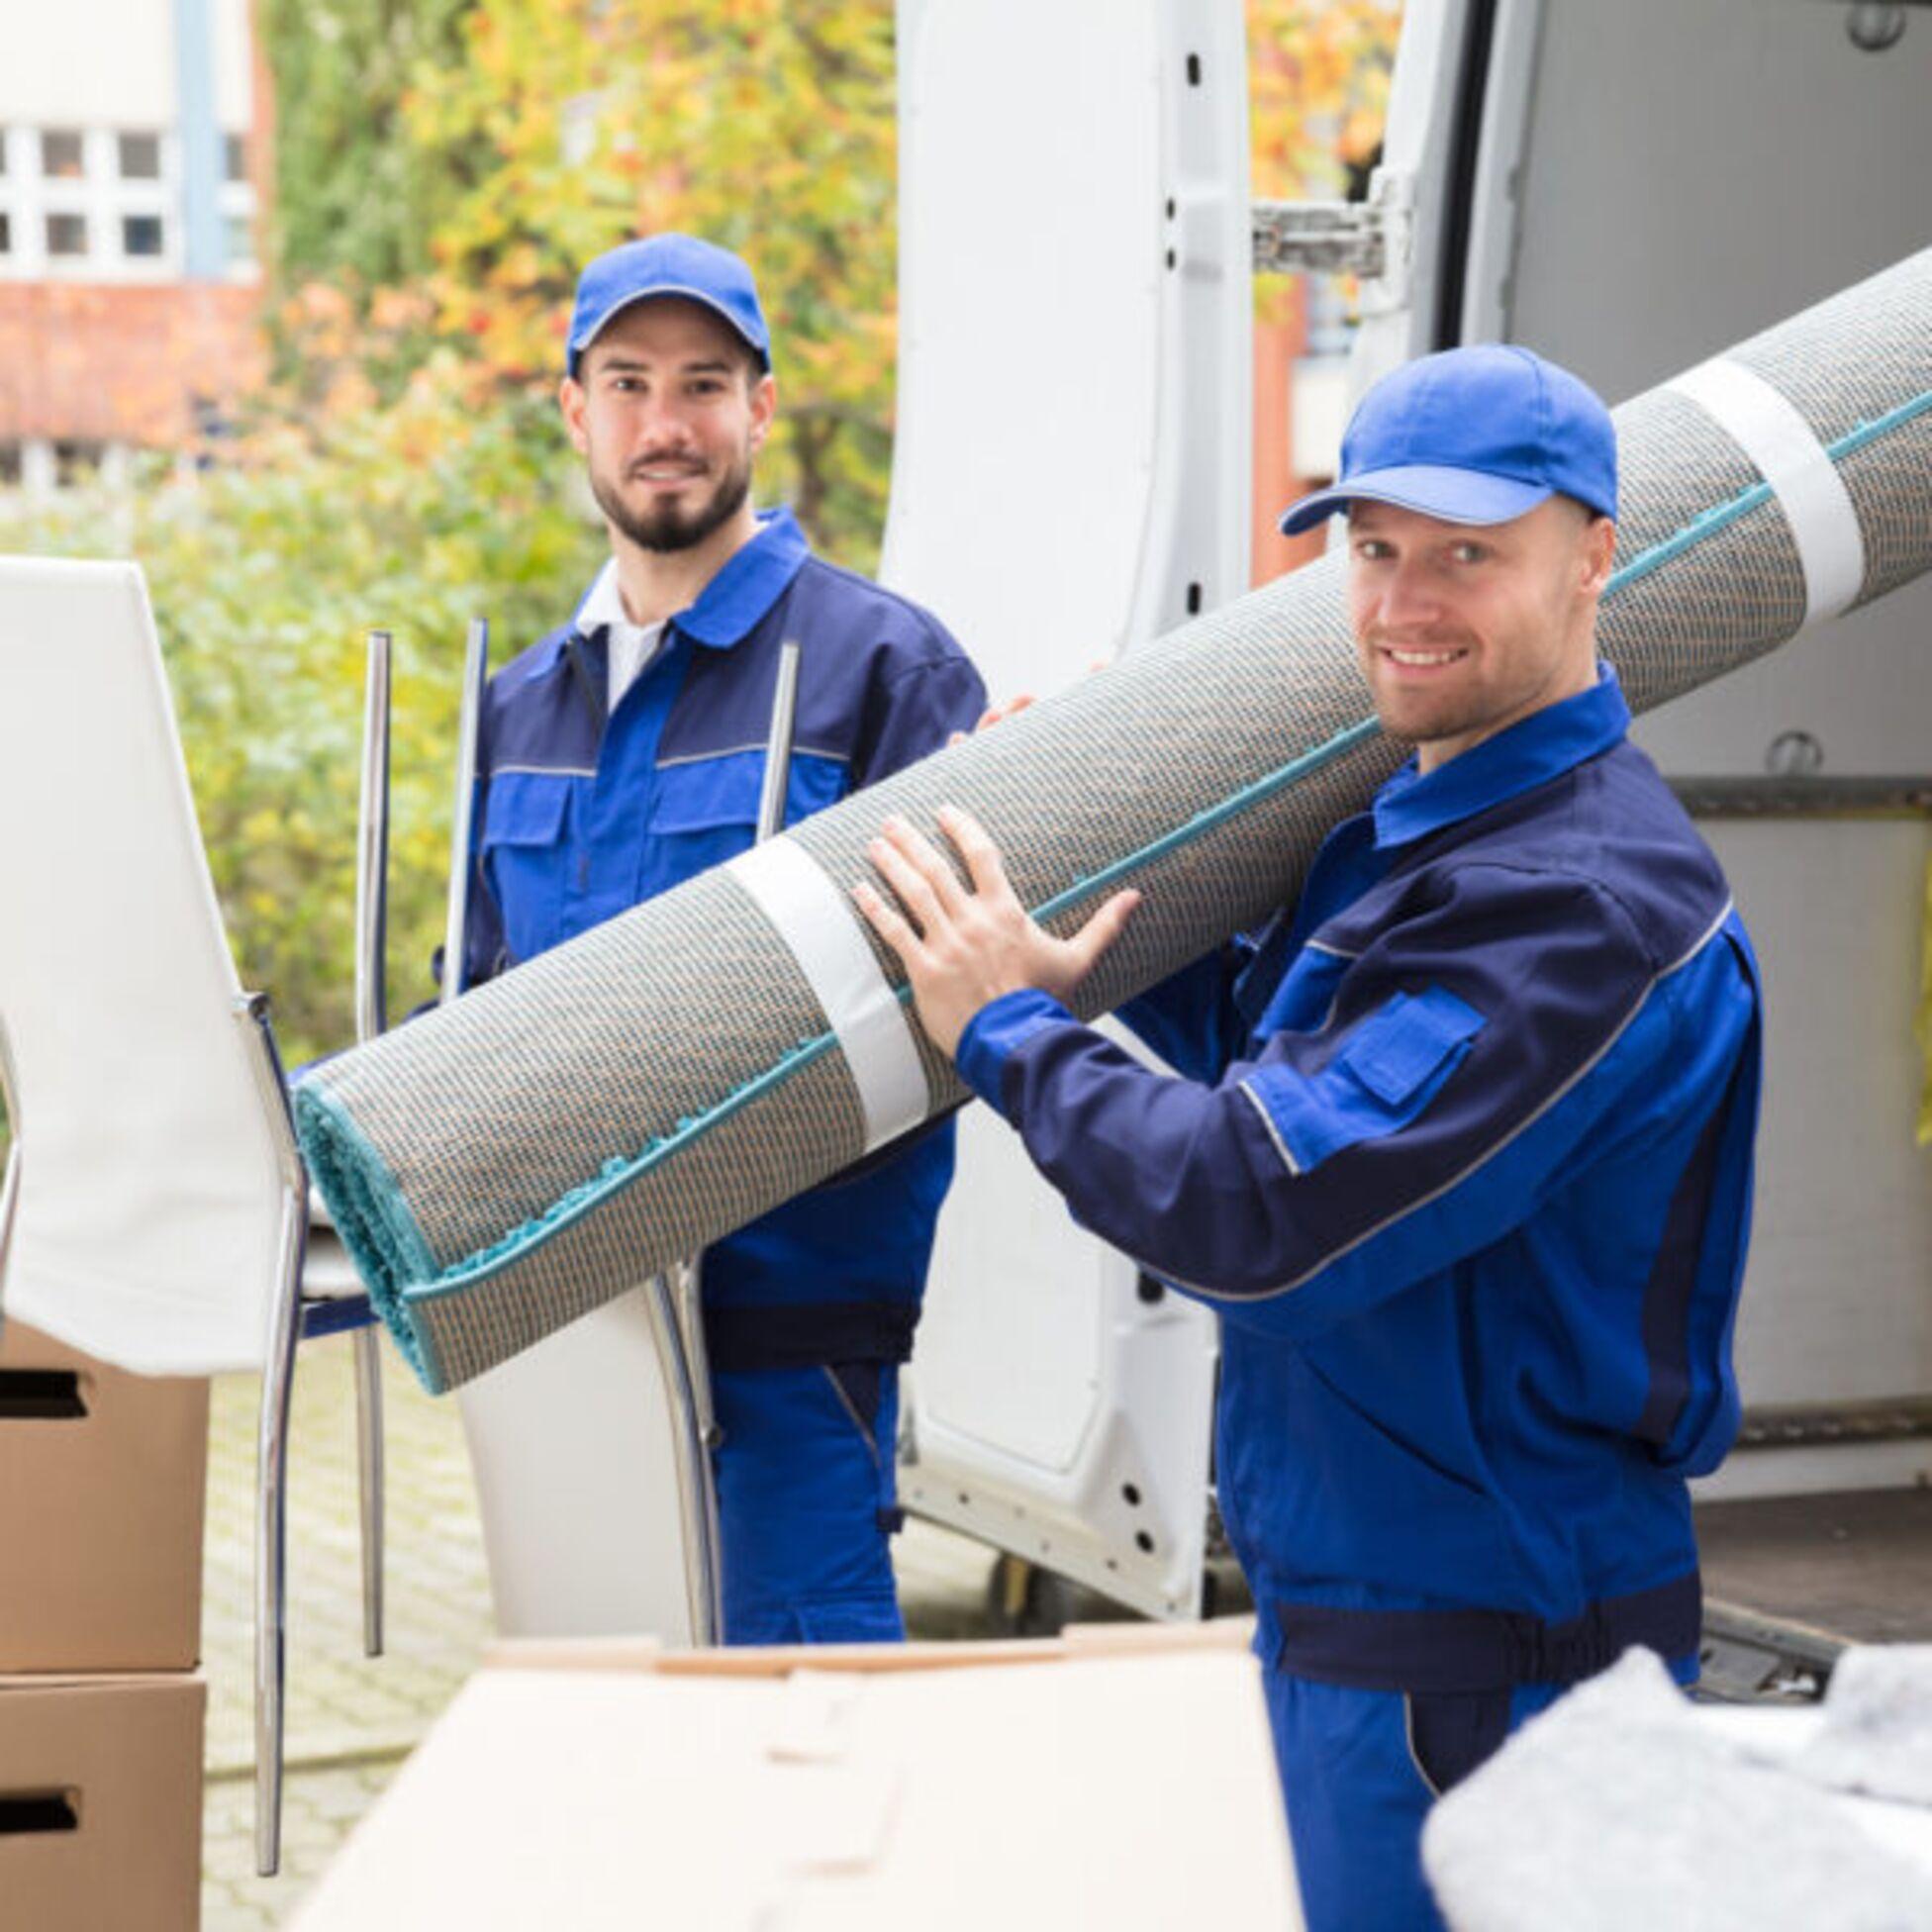 Zwei Möbelpacker laden Umzugsgut aus einem Transporter aus